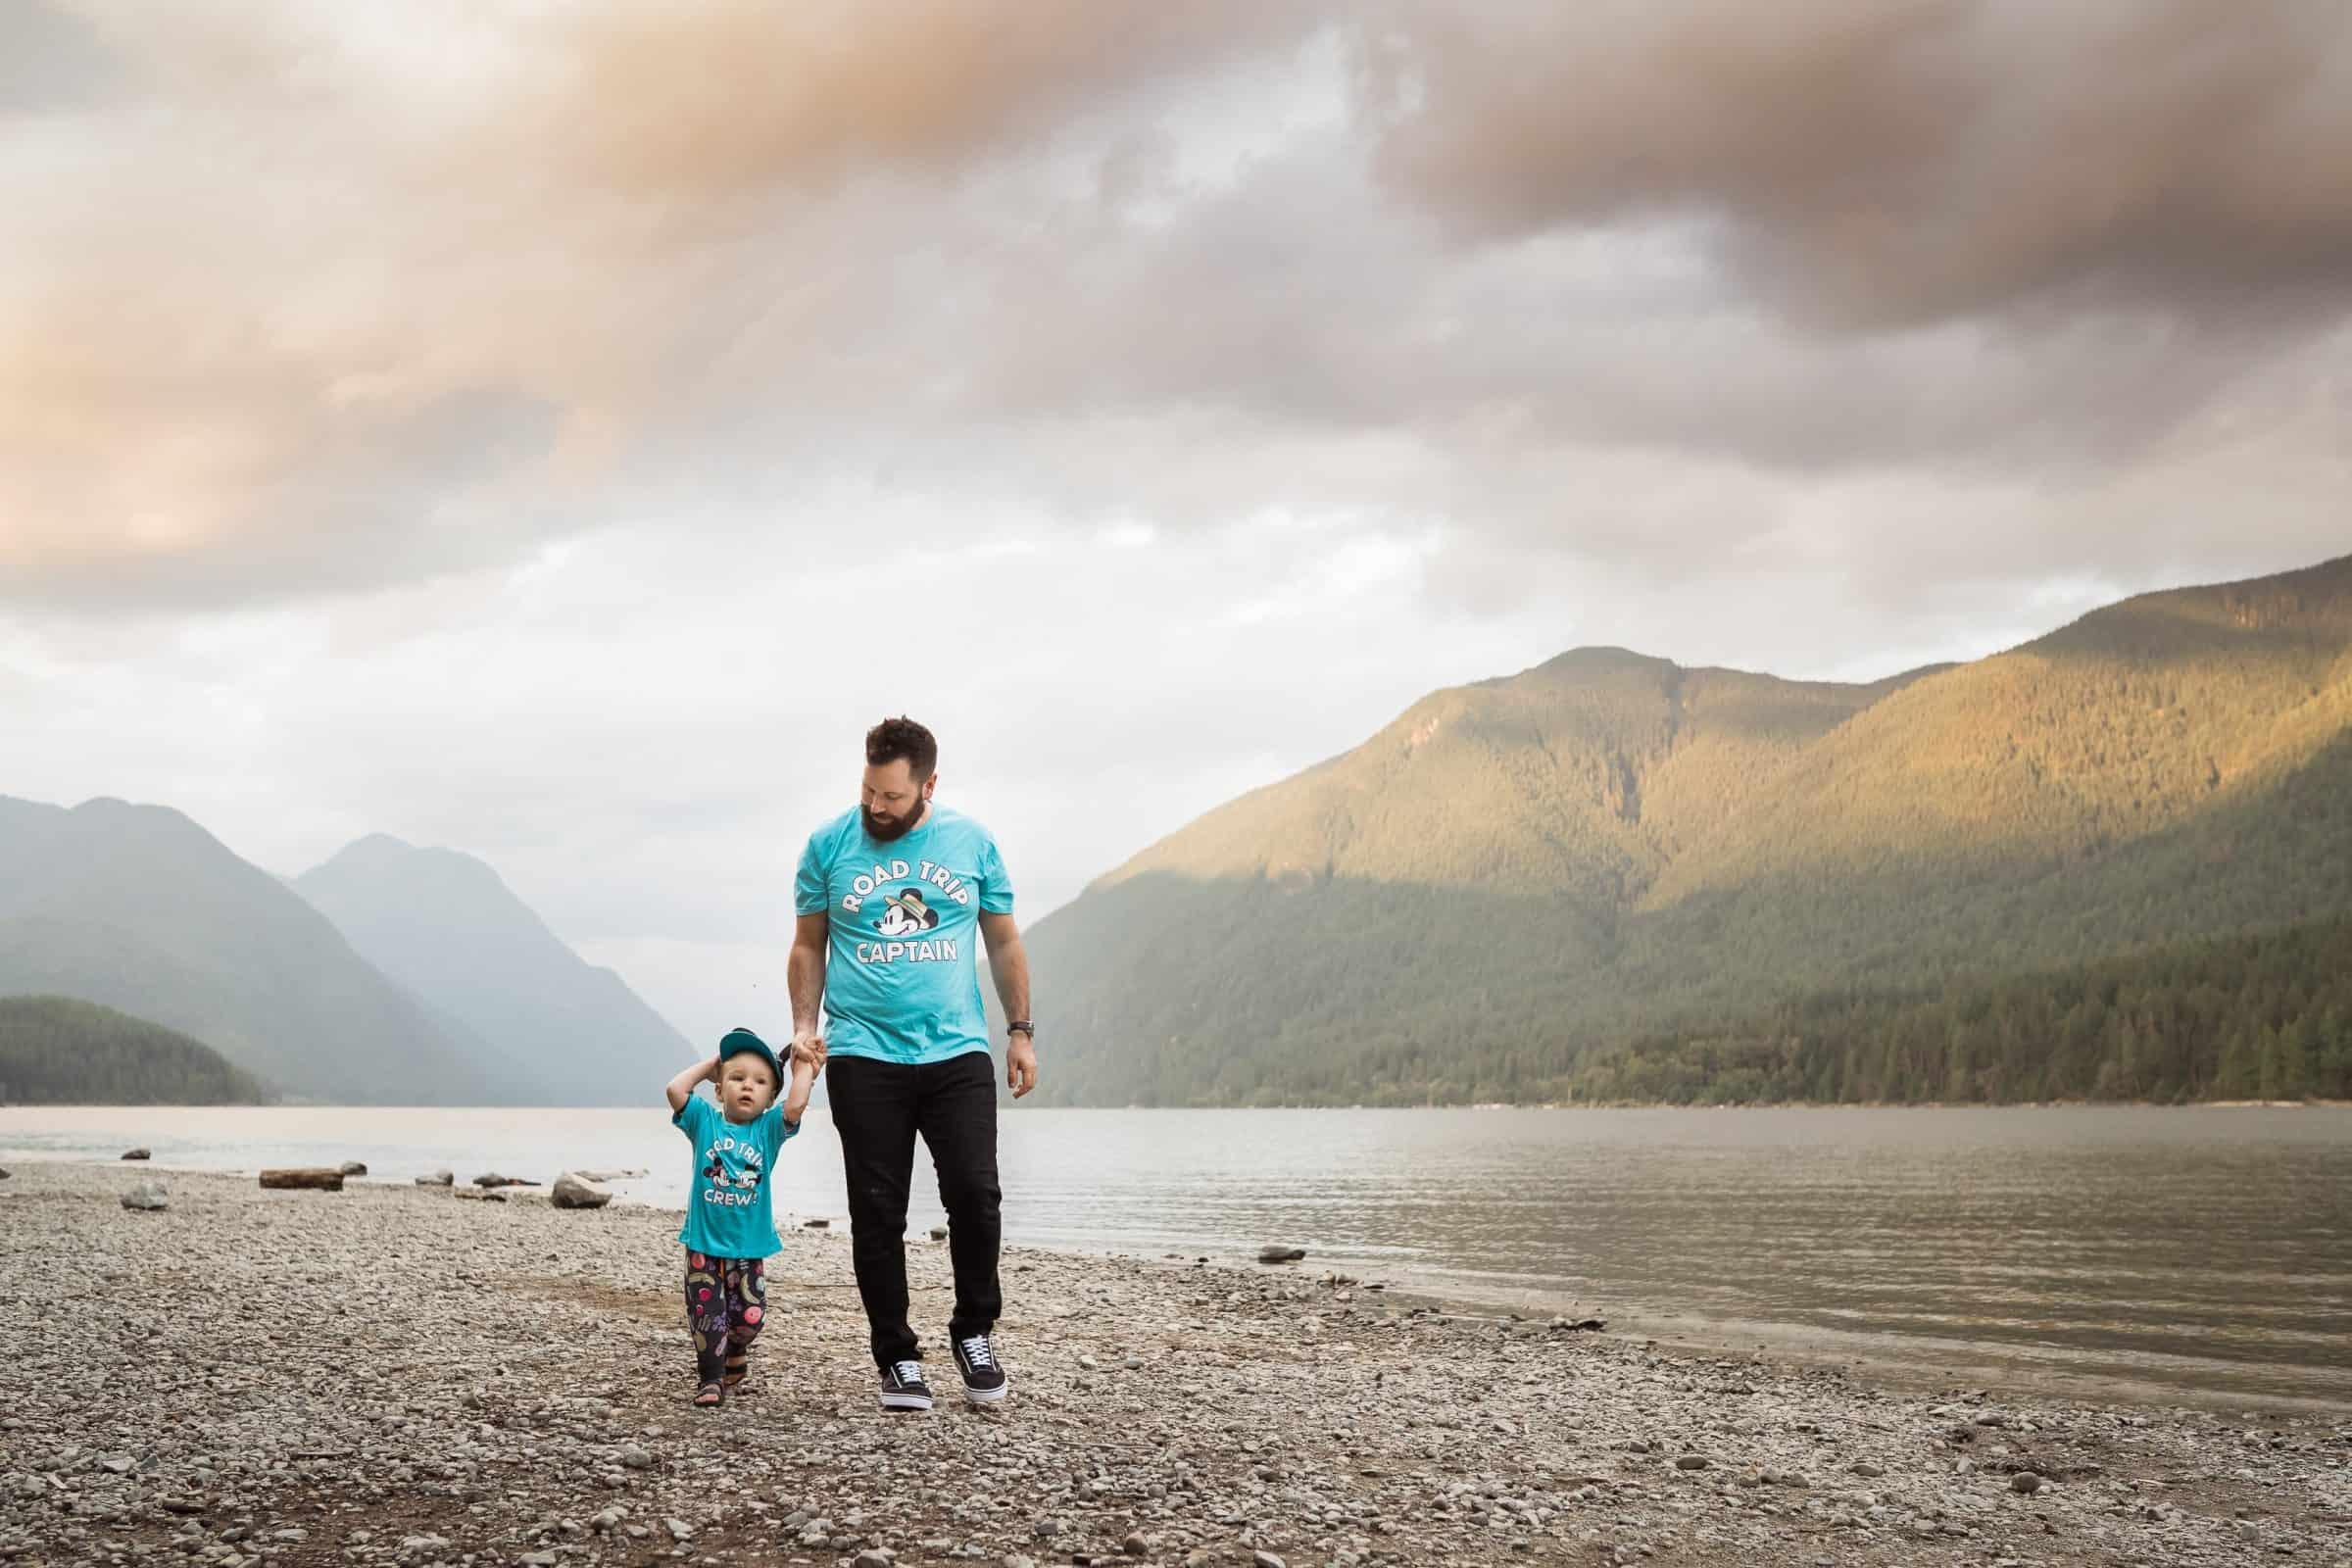 dad walking toddler boy alongside a lake in disney clothing